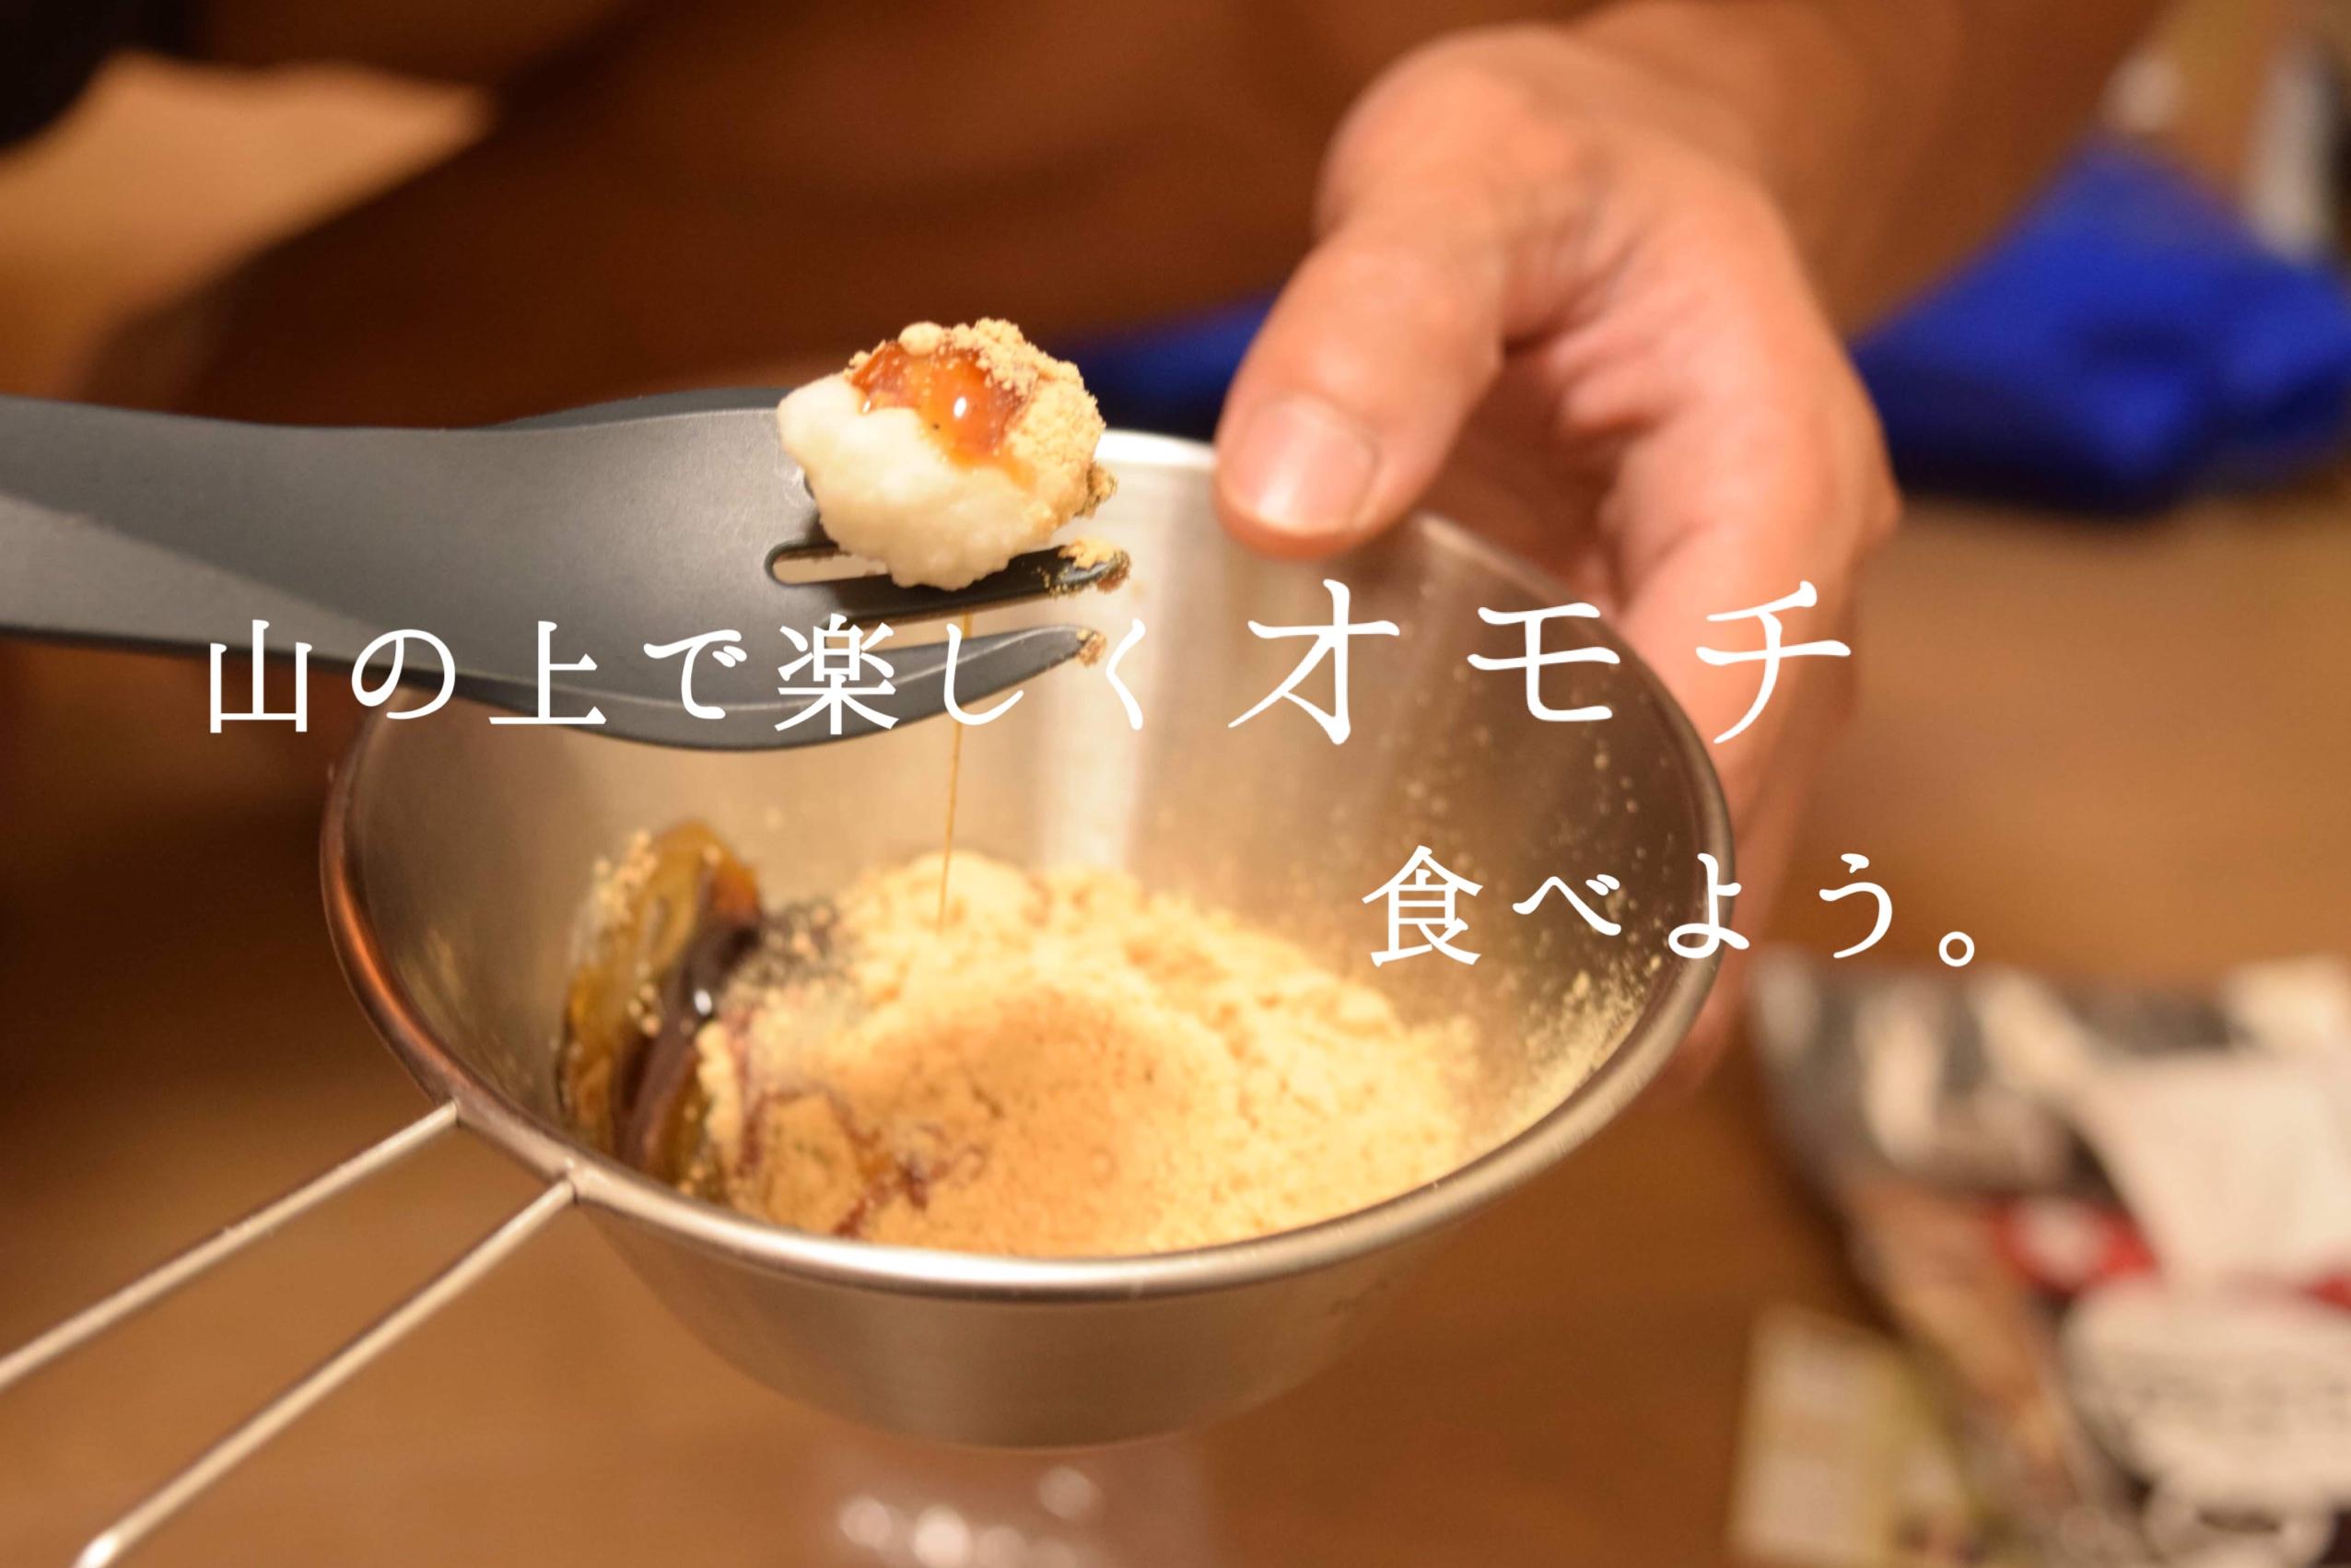 【軽量キャンプ飯】チカラモチで楽しくカロリー摂取!